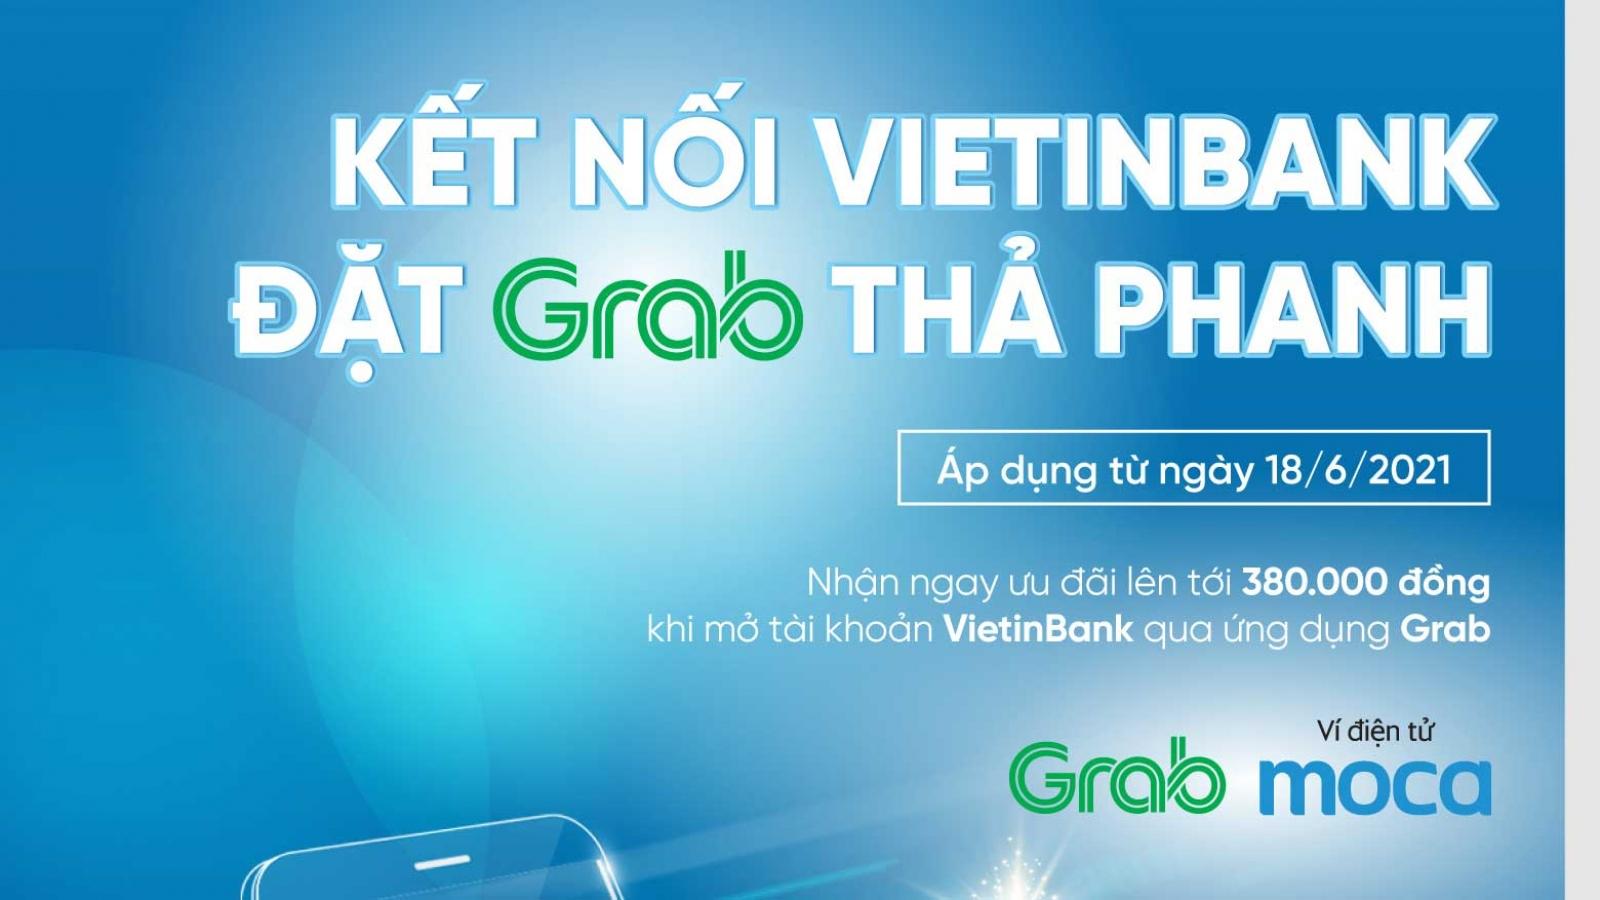 Mở tài khoản VietinBank từ ứng dụng Grab hưởng nhiều ưu đãi